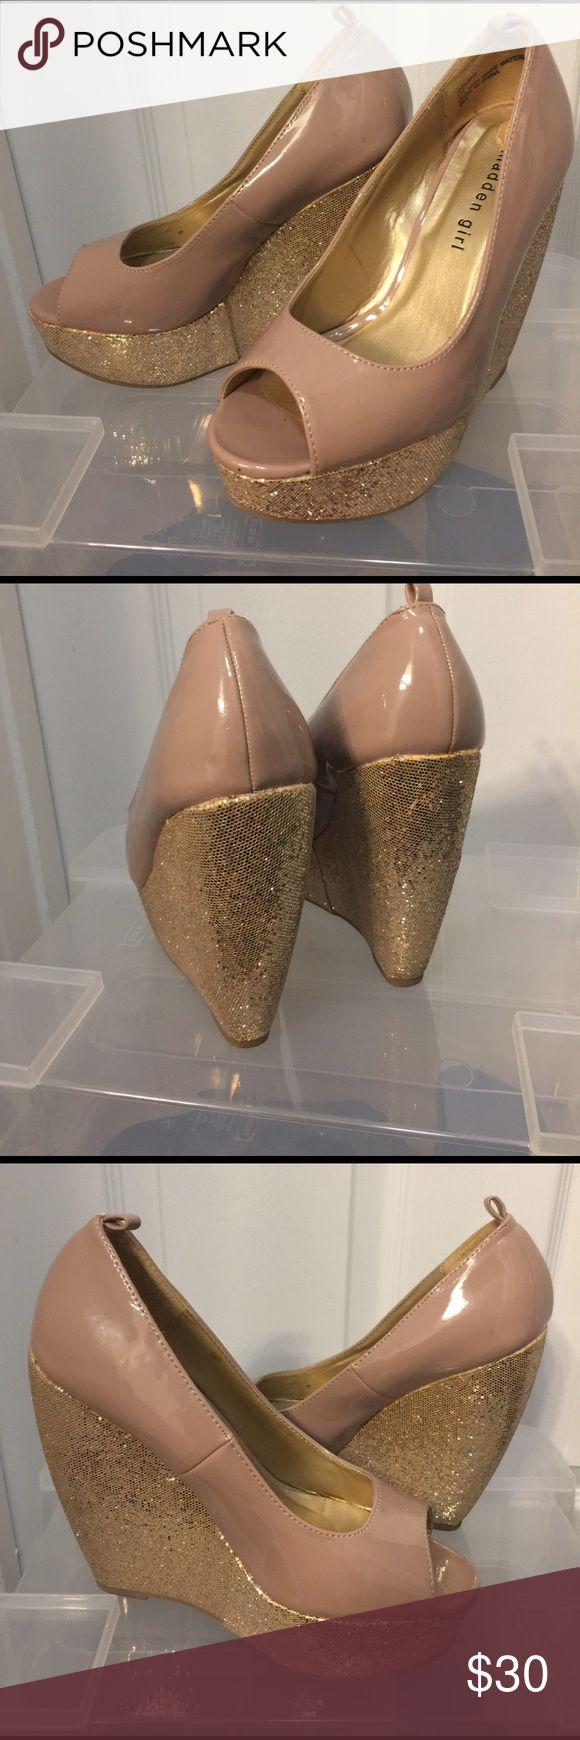 Bling Platform Wedges Super Comfy Madden Girl Shoes Wedges